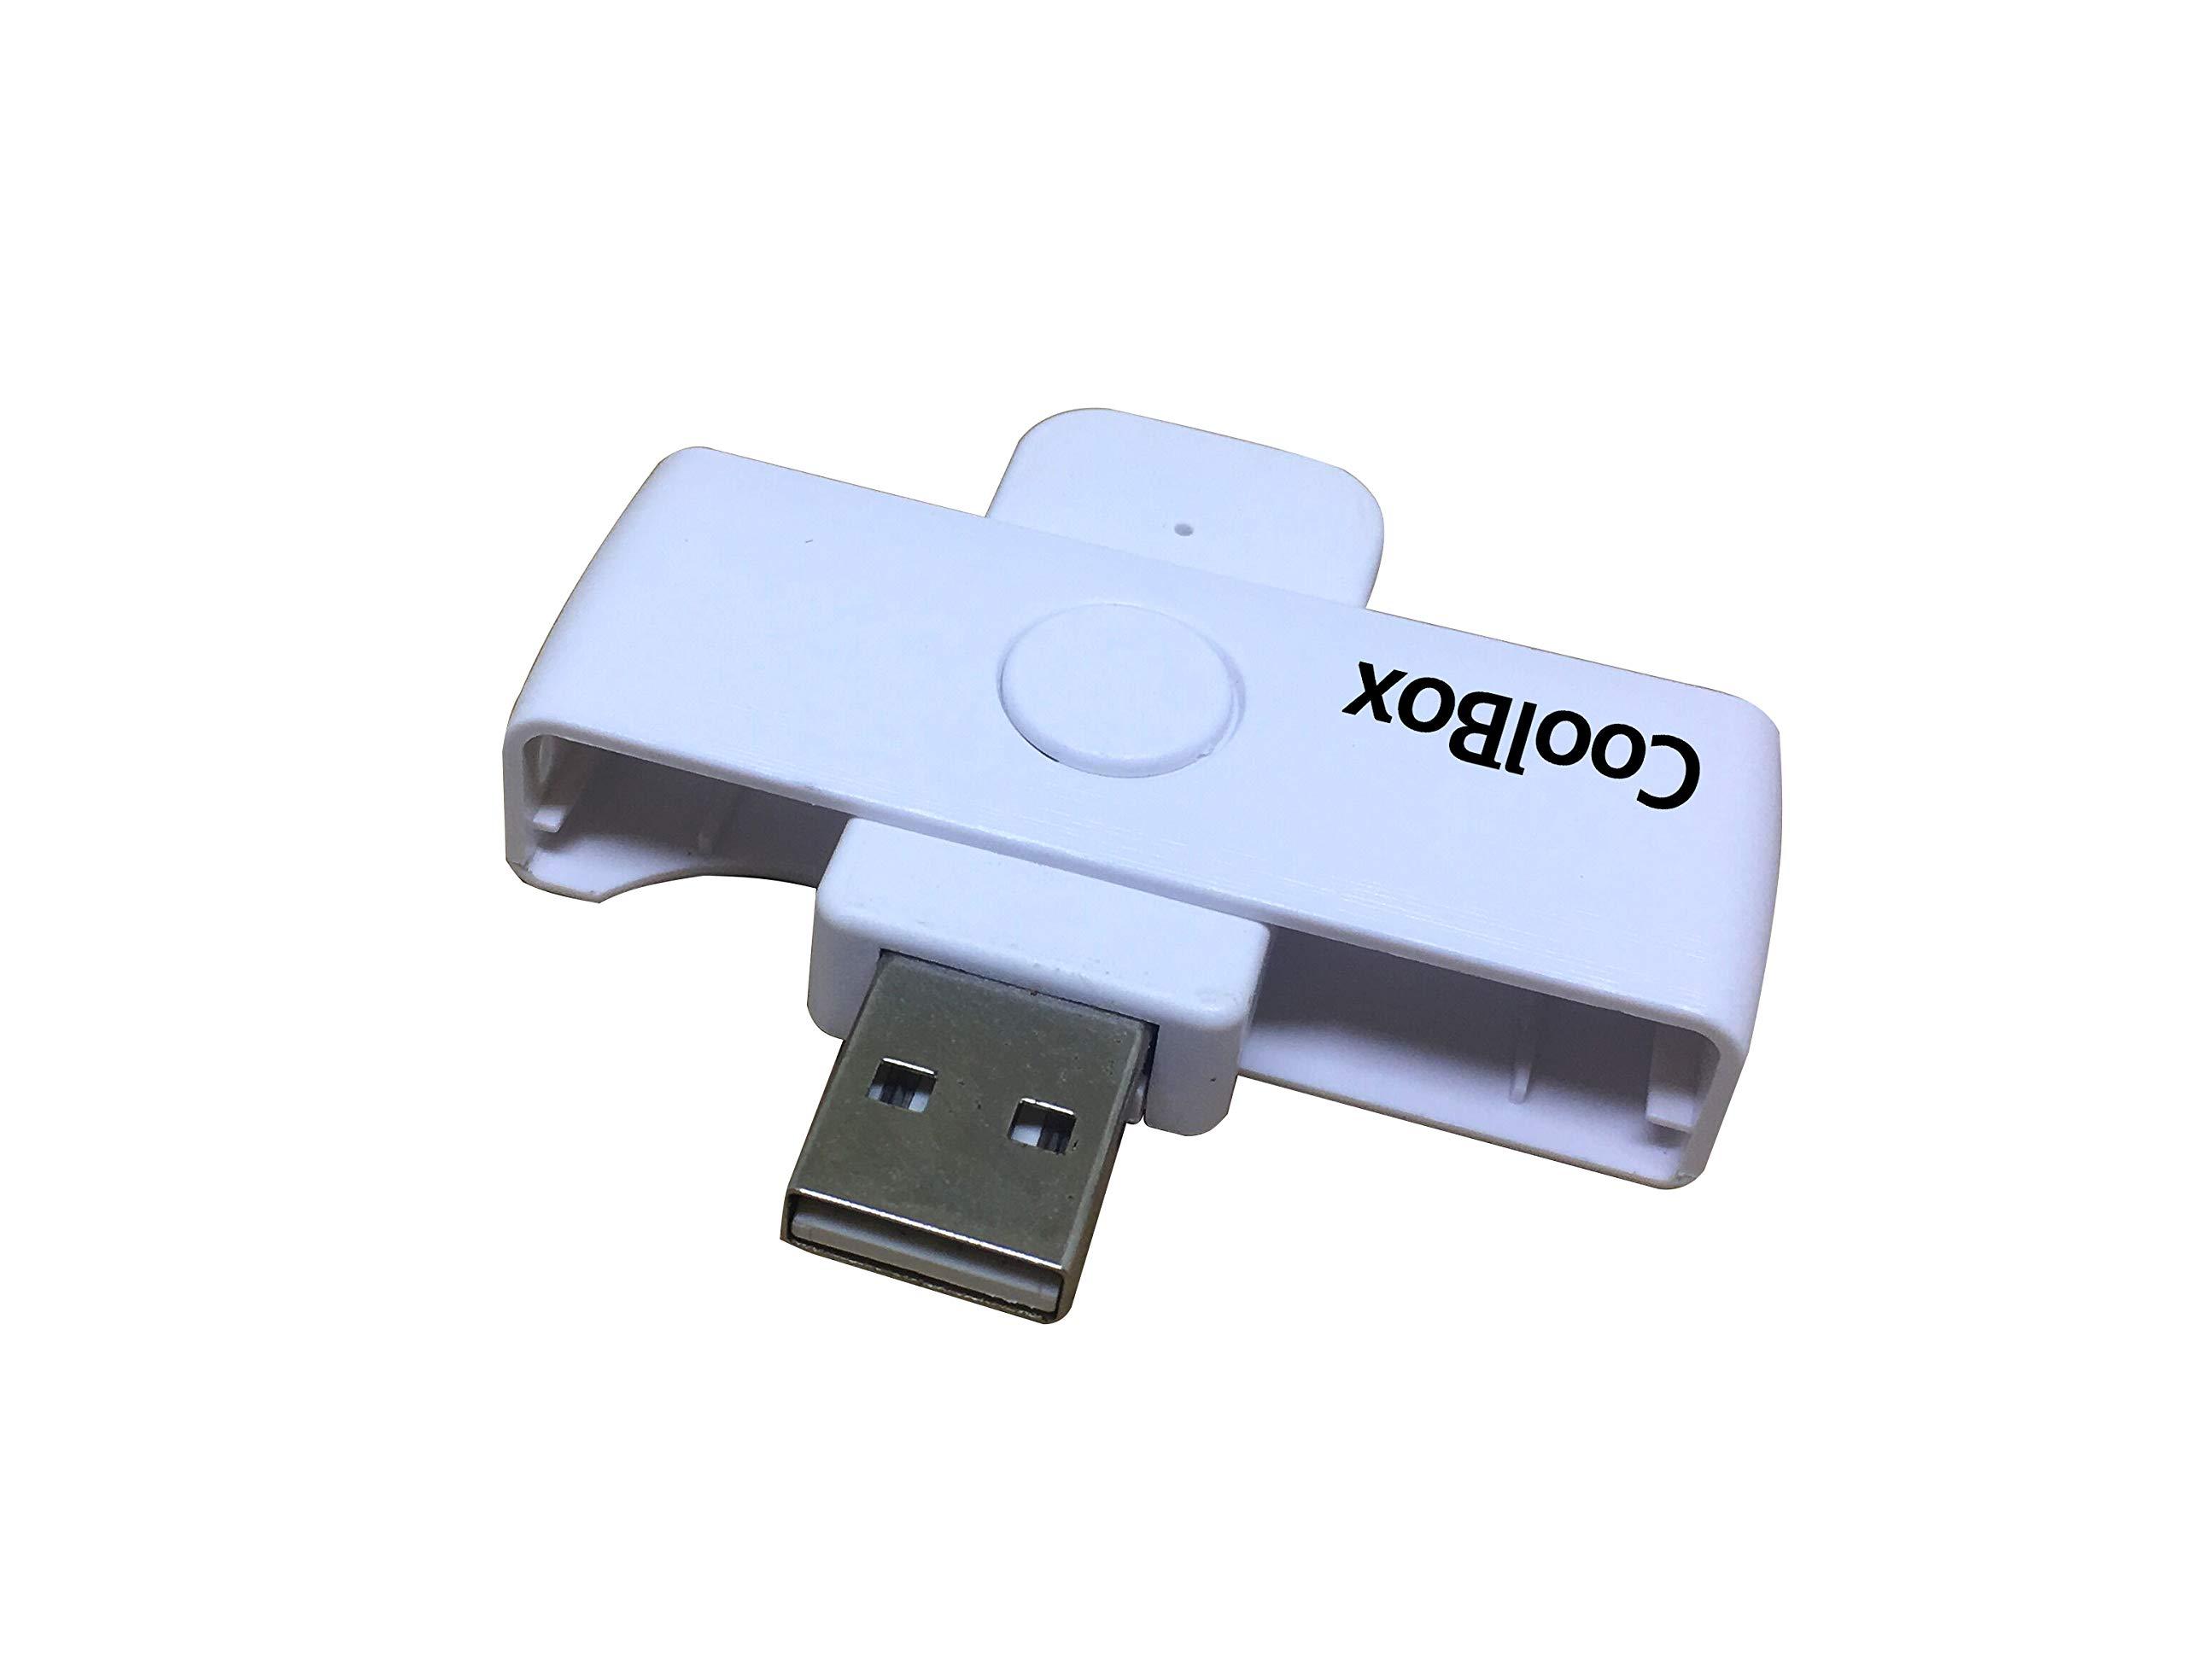 CoolBox pendrive lector DNIe Pocket - Lector de DNI electrónico portátil. Color blanco: Amazon.es: Bricolaje y herramientas